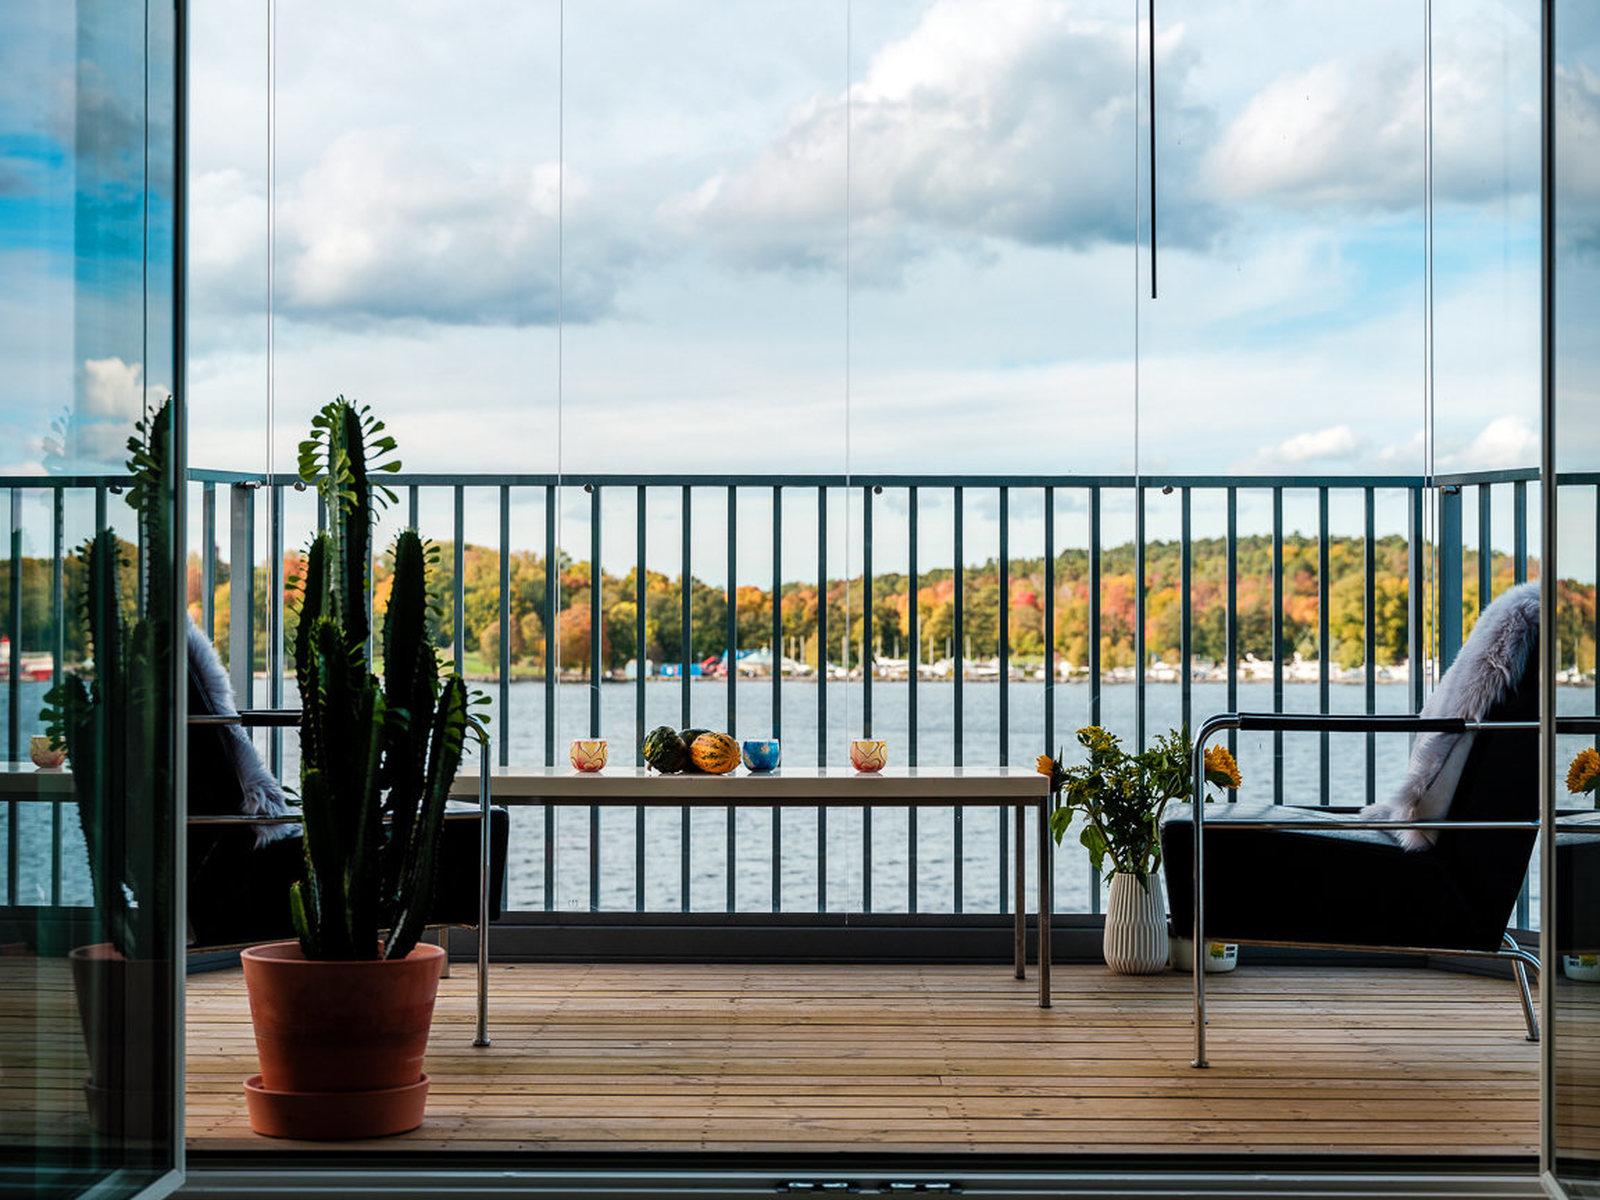 Finnboda Kajväg 10, 3 tr